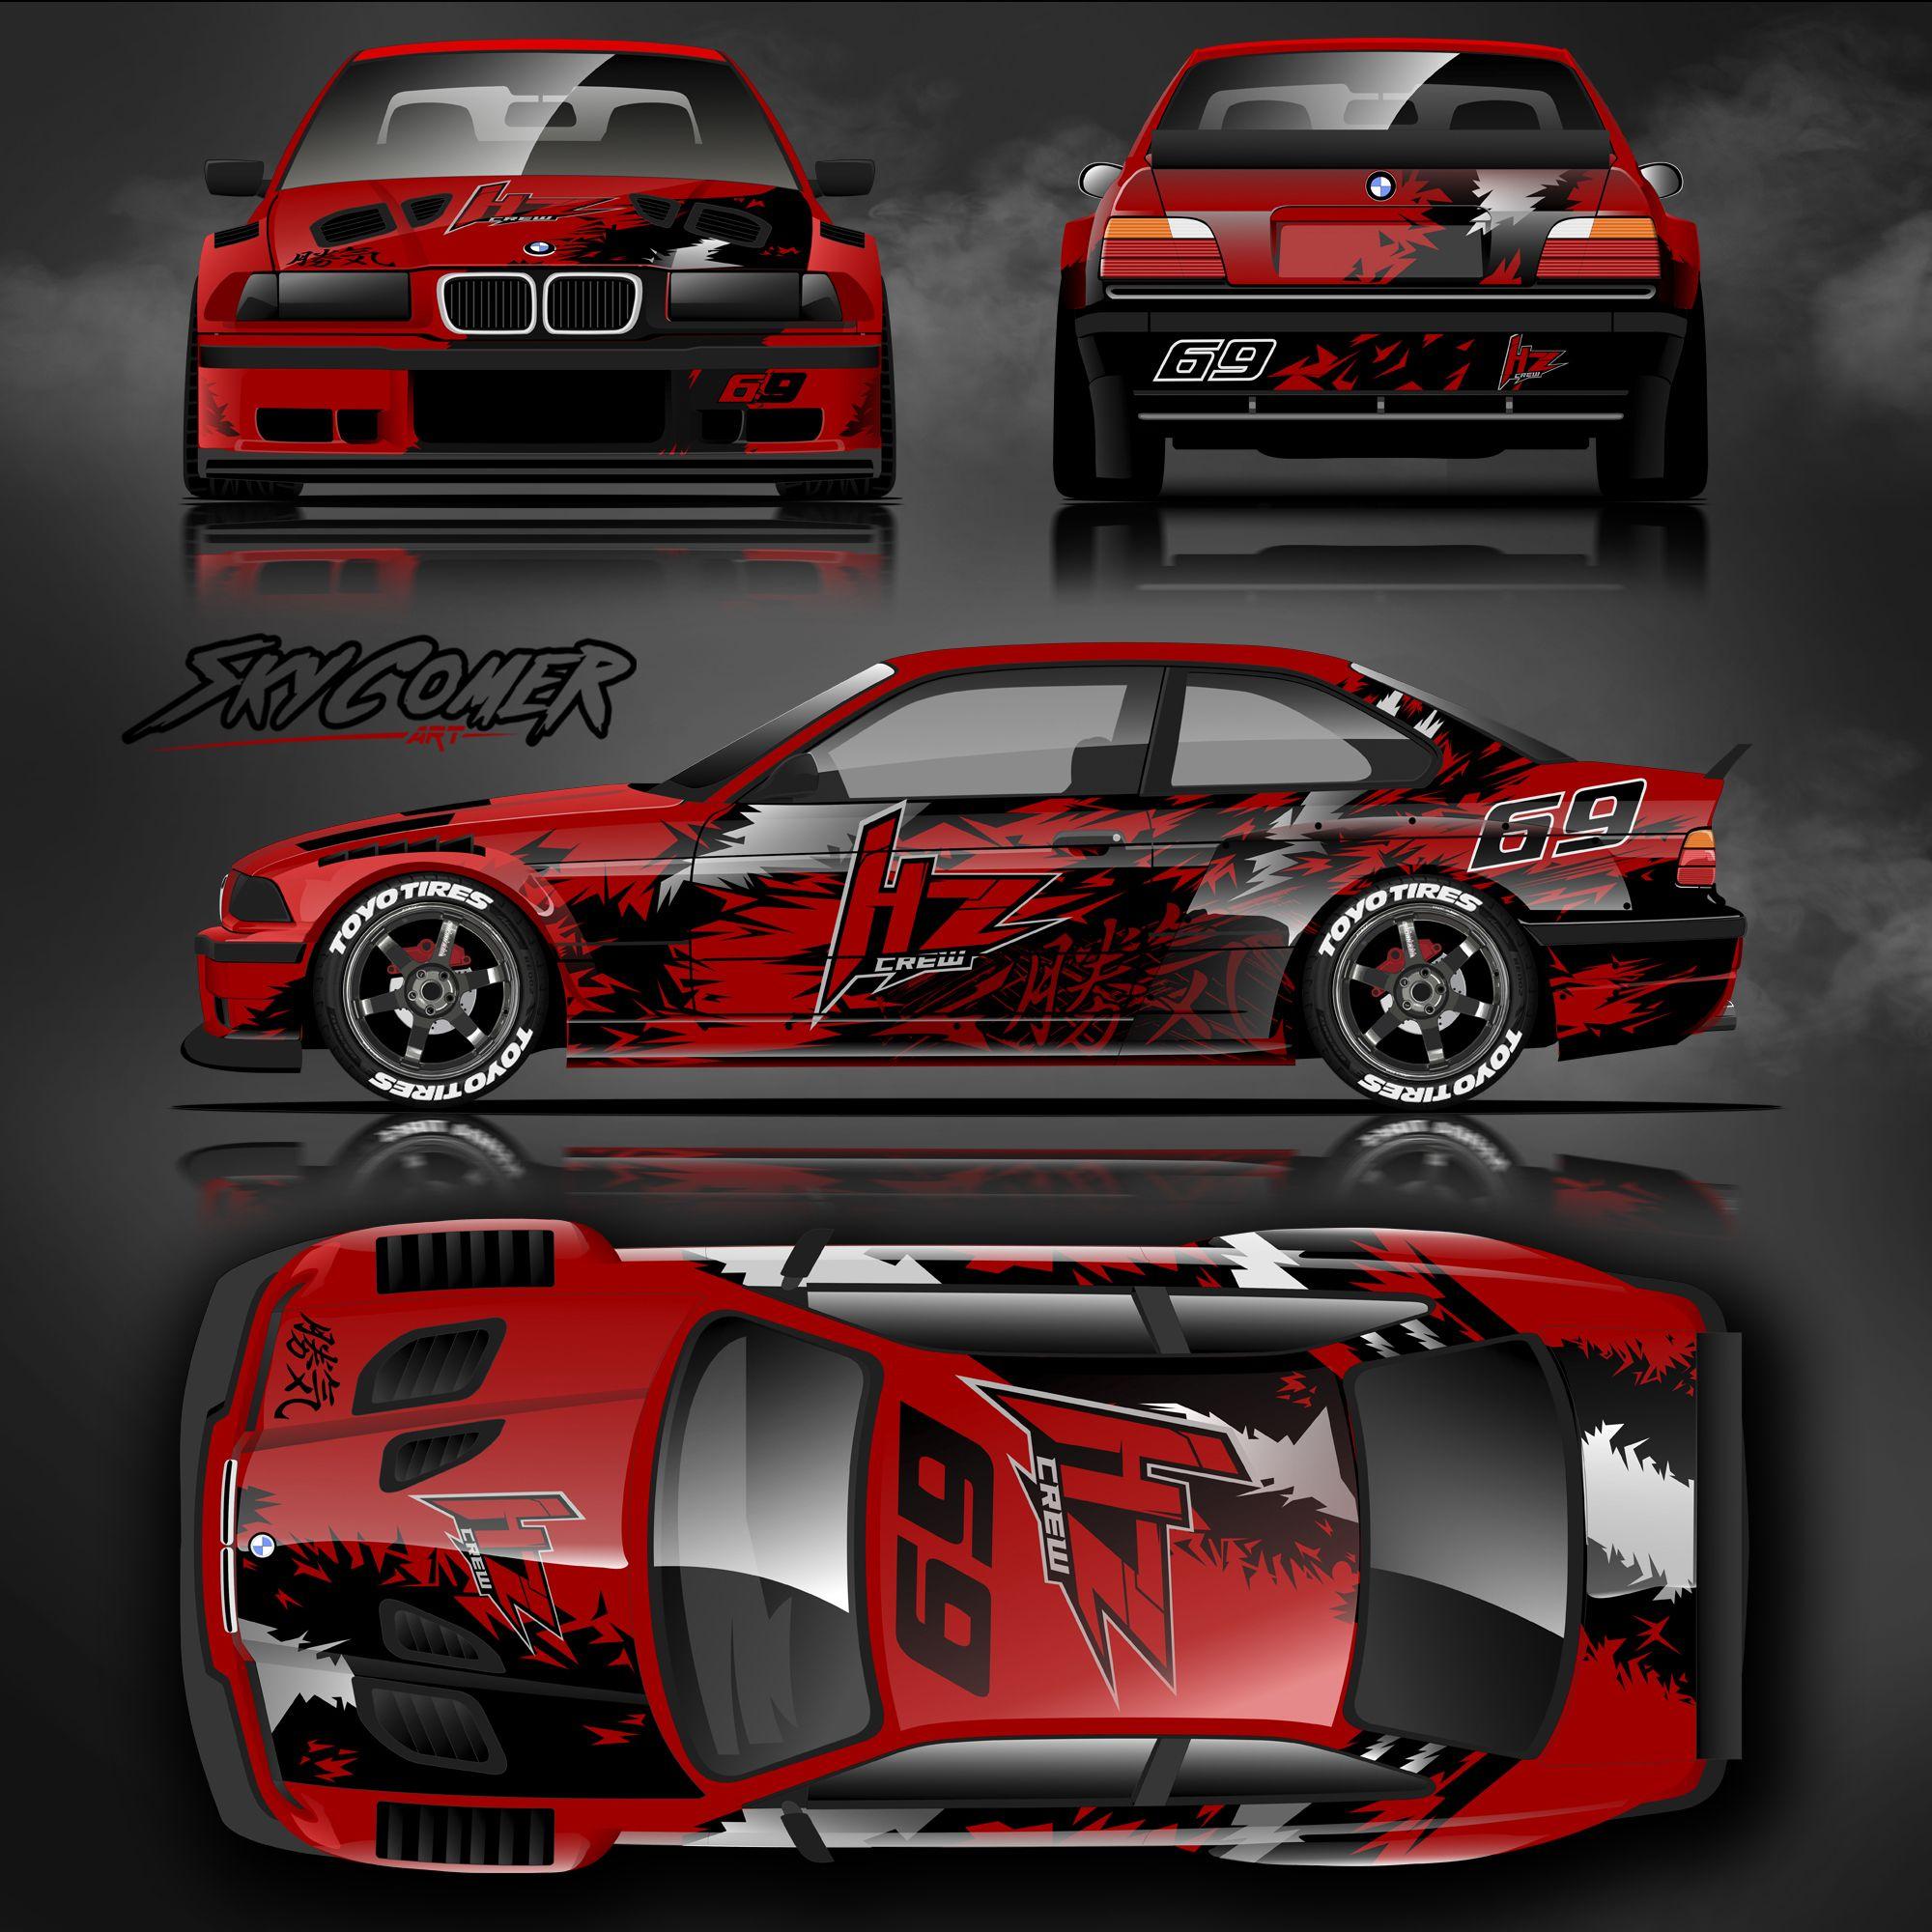 Bmw E36 Livery Design Avtomobili I Tachka